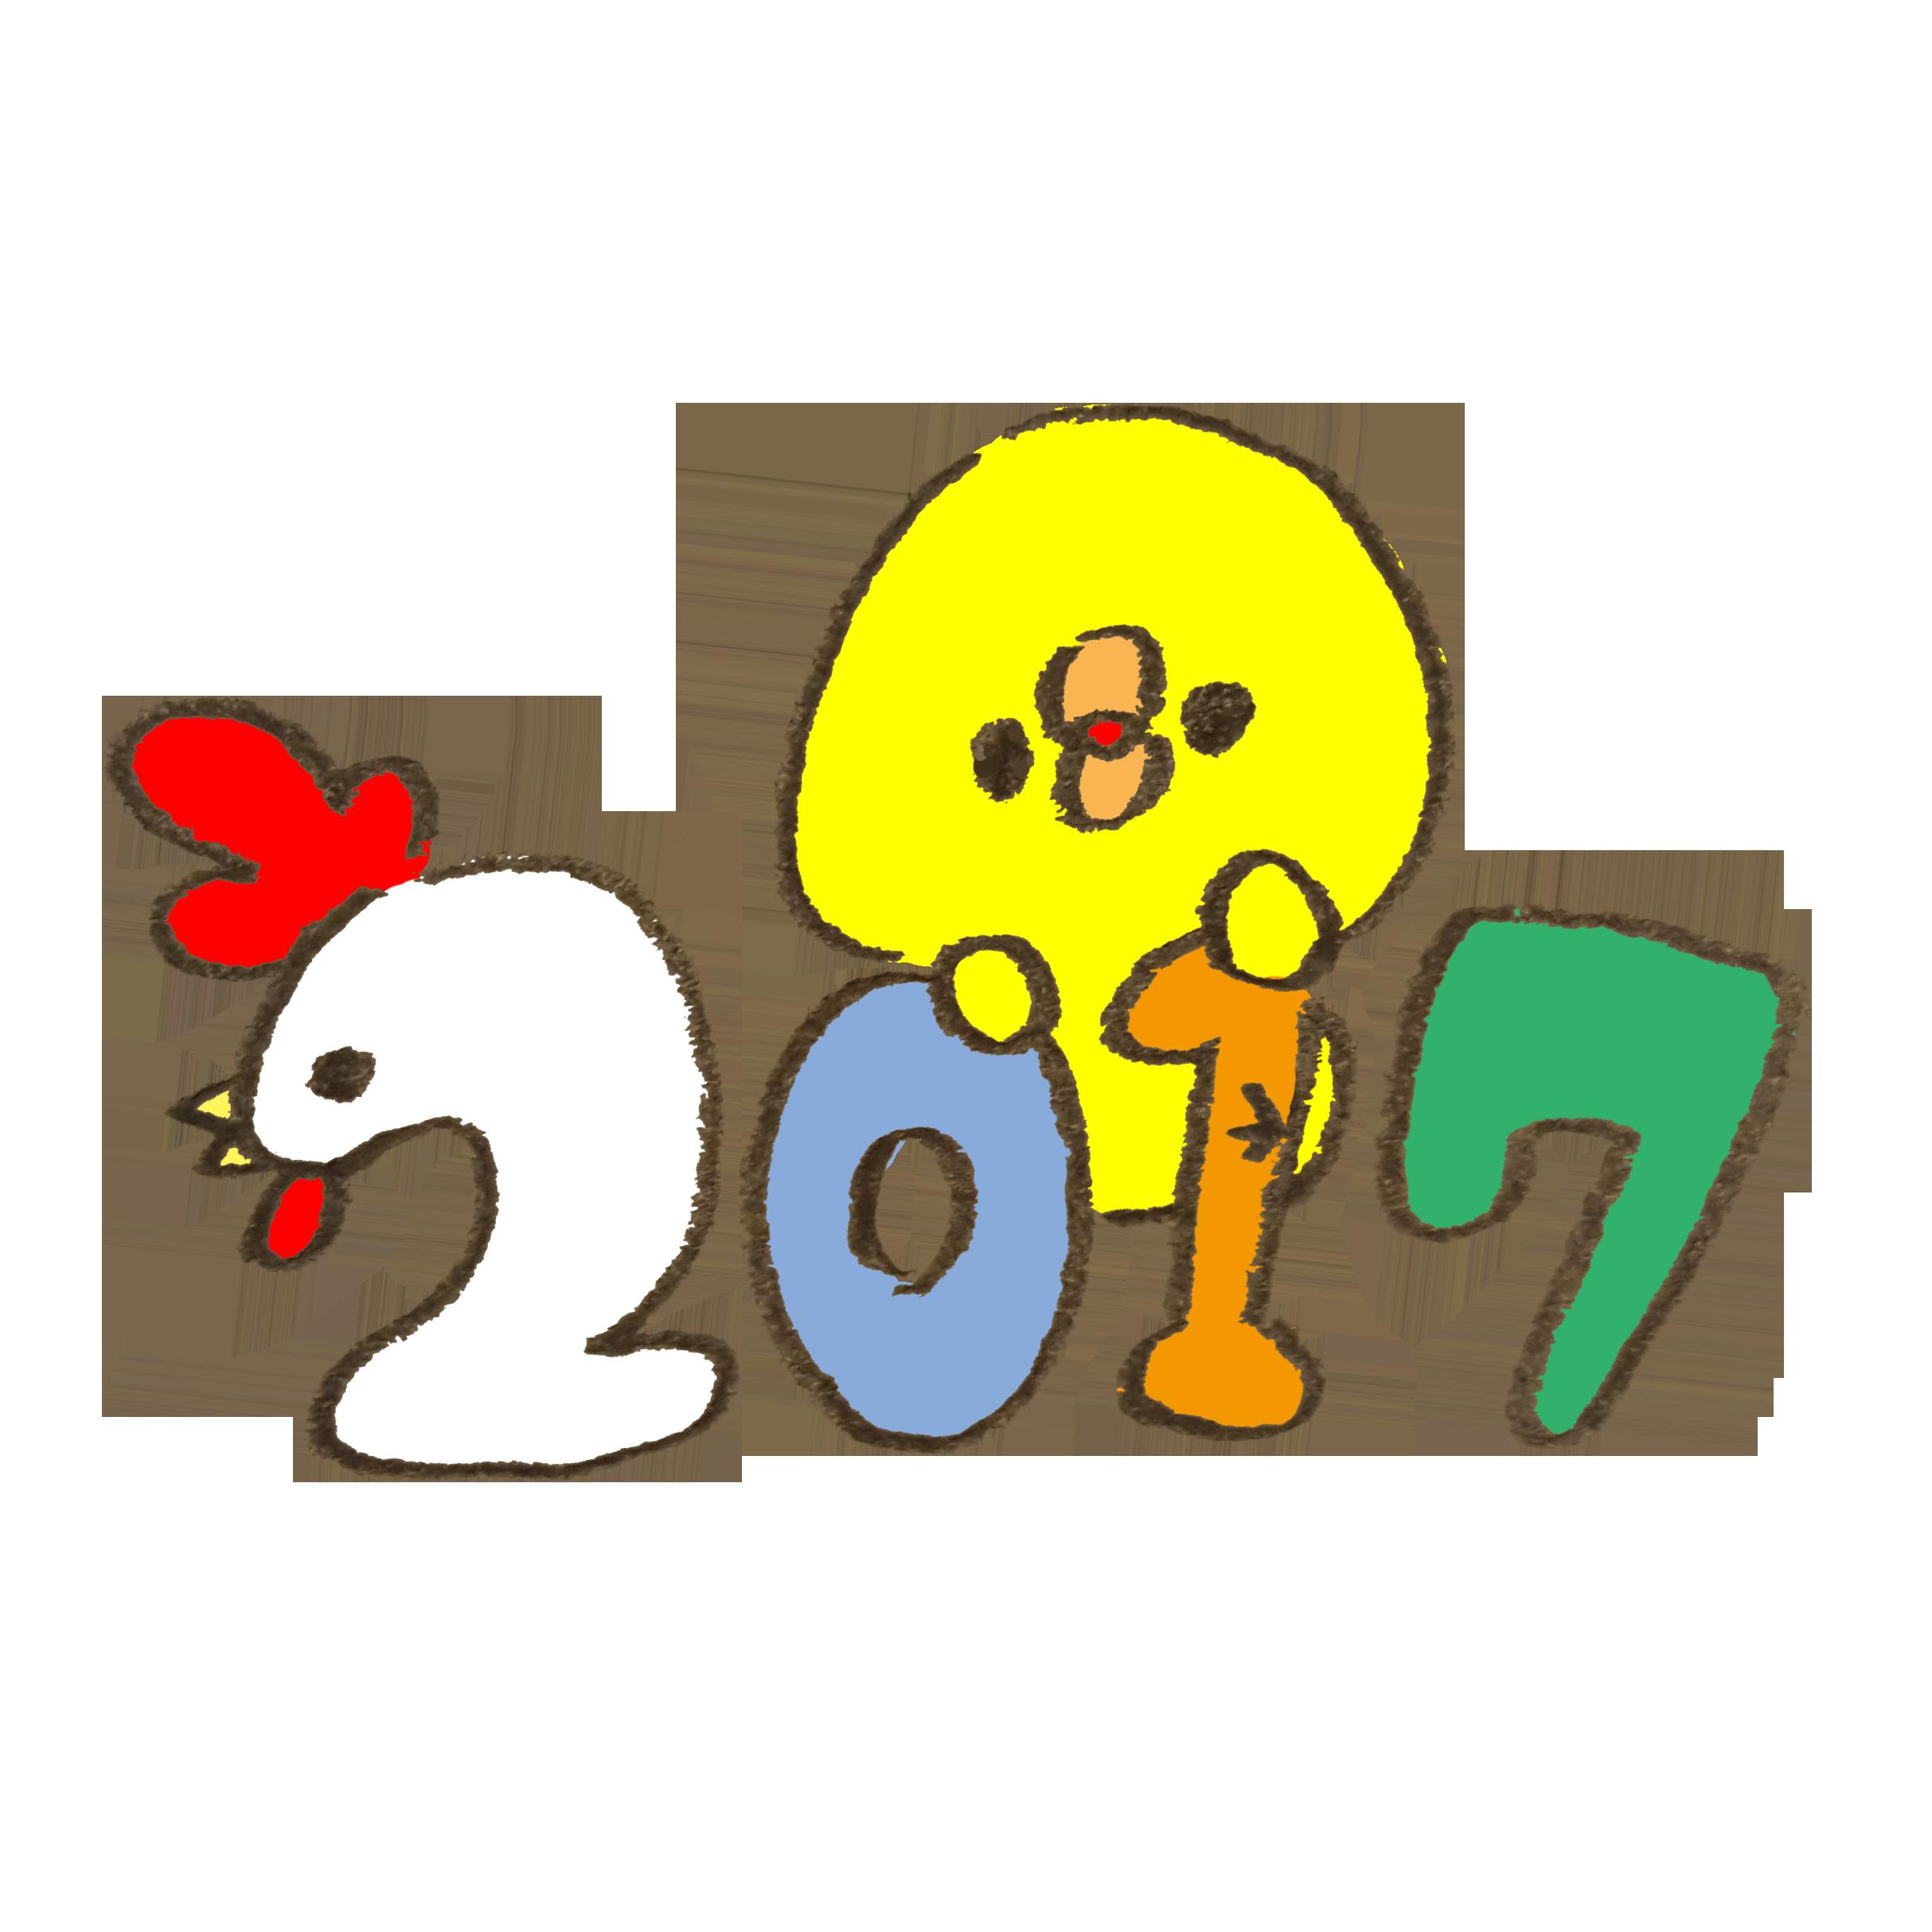 2017年を祝うひよこのイラスト | ゆるくてかわいい無料イラスト素材屋